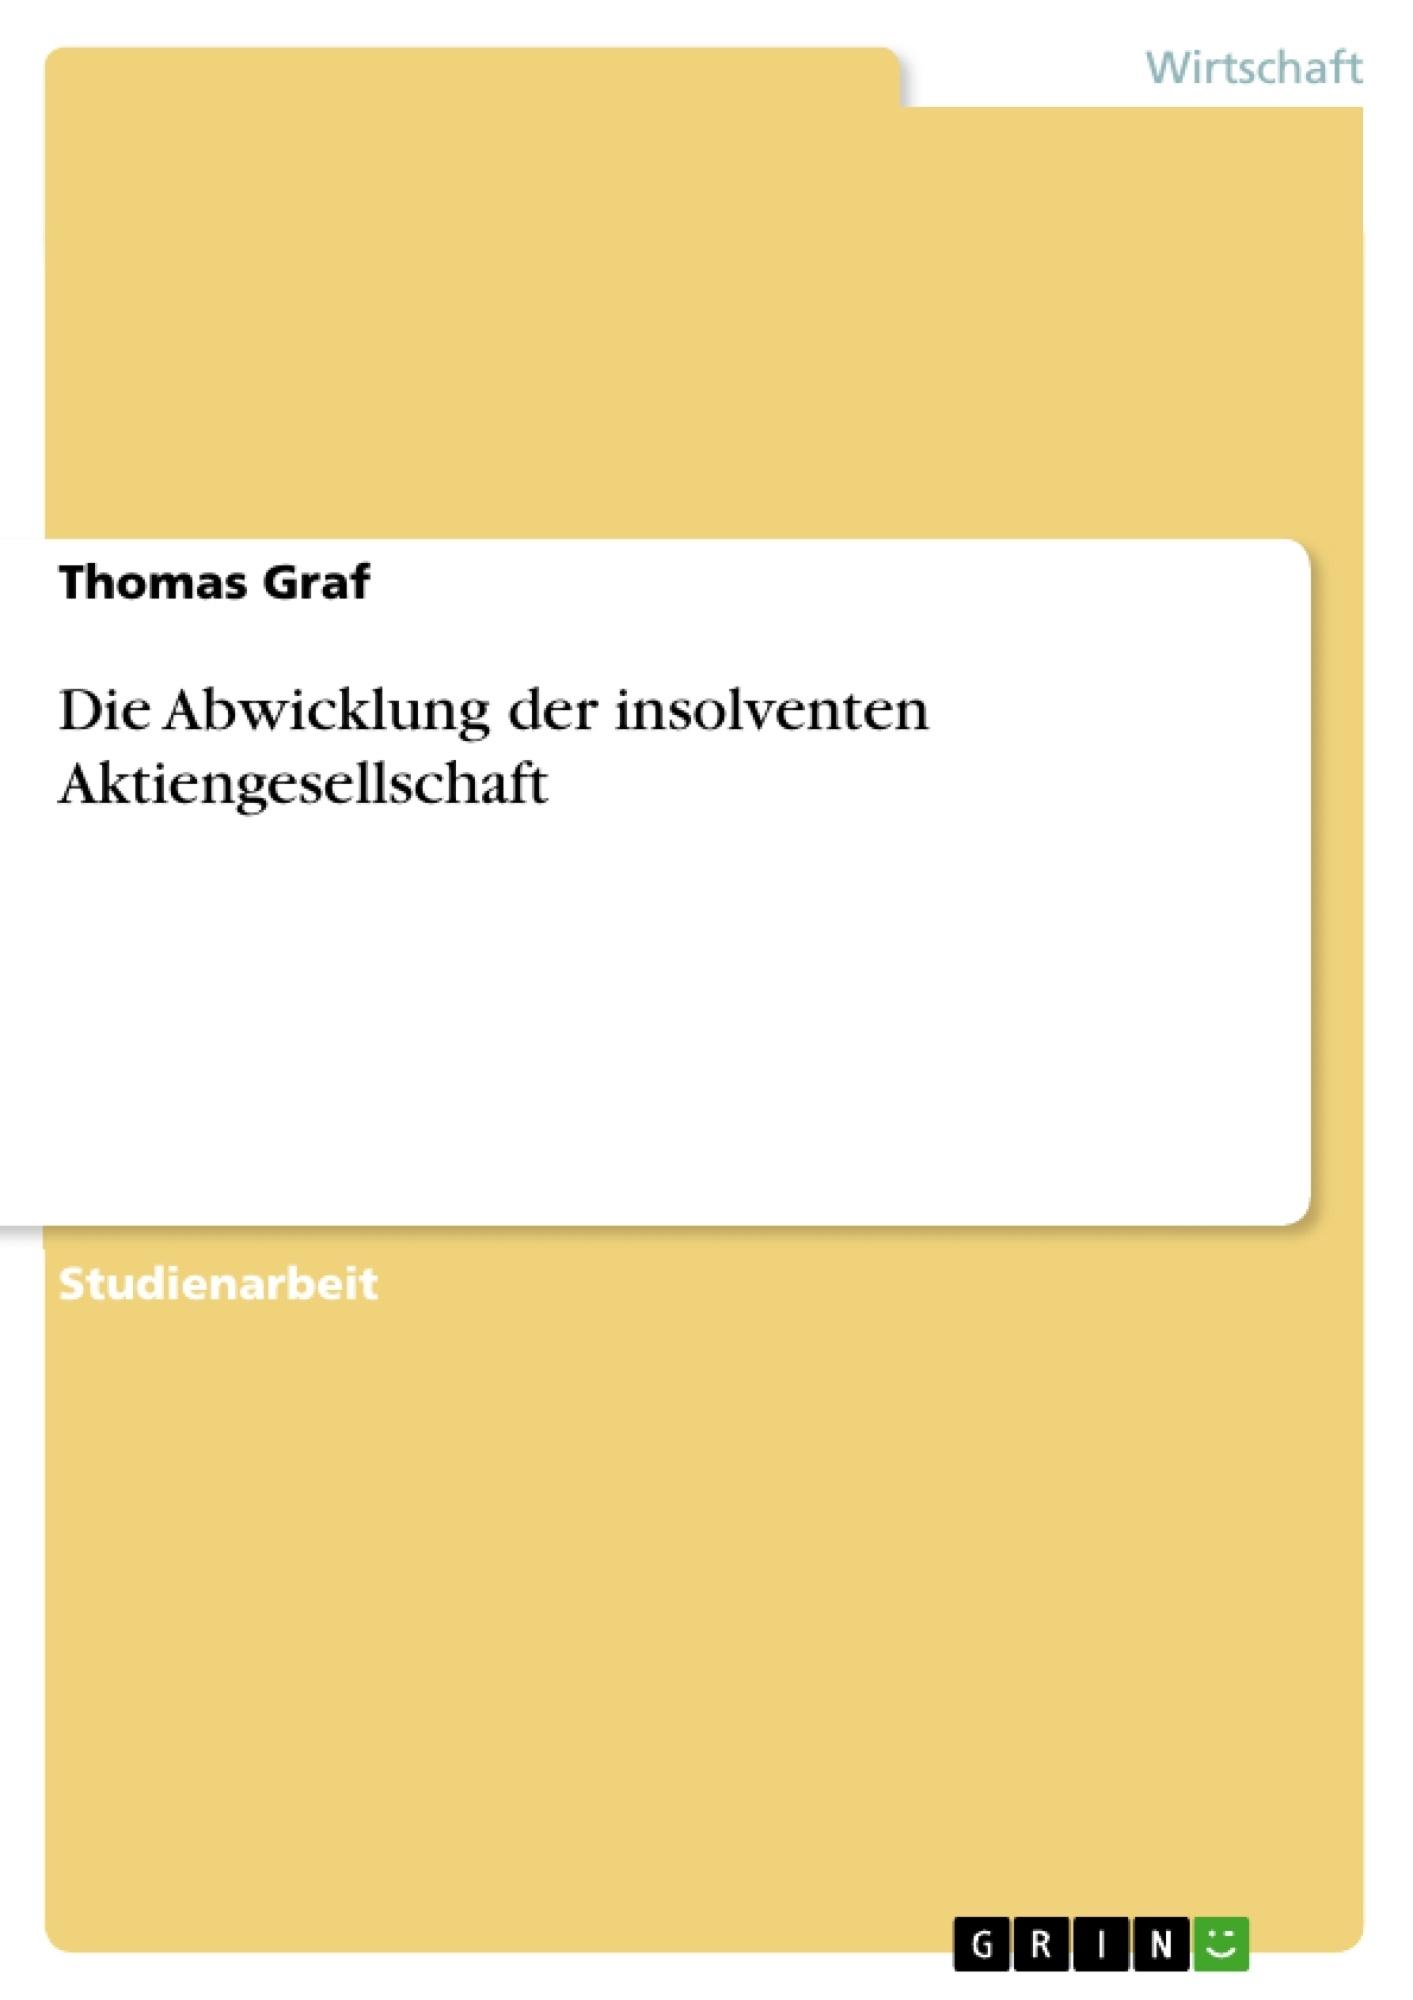 Titel: Die Abwicklung der insolventen Aktiengesellschaft